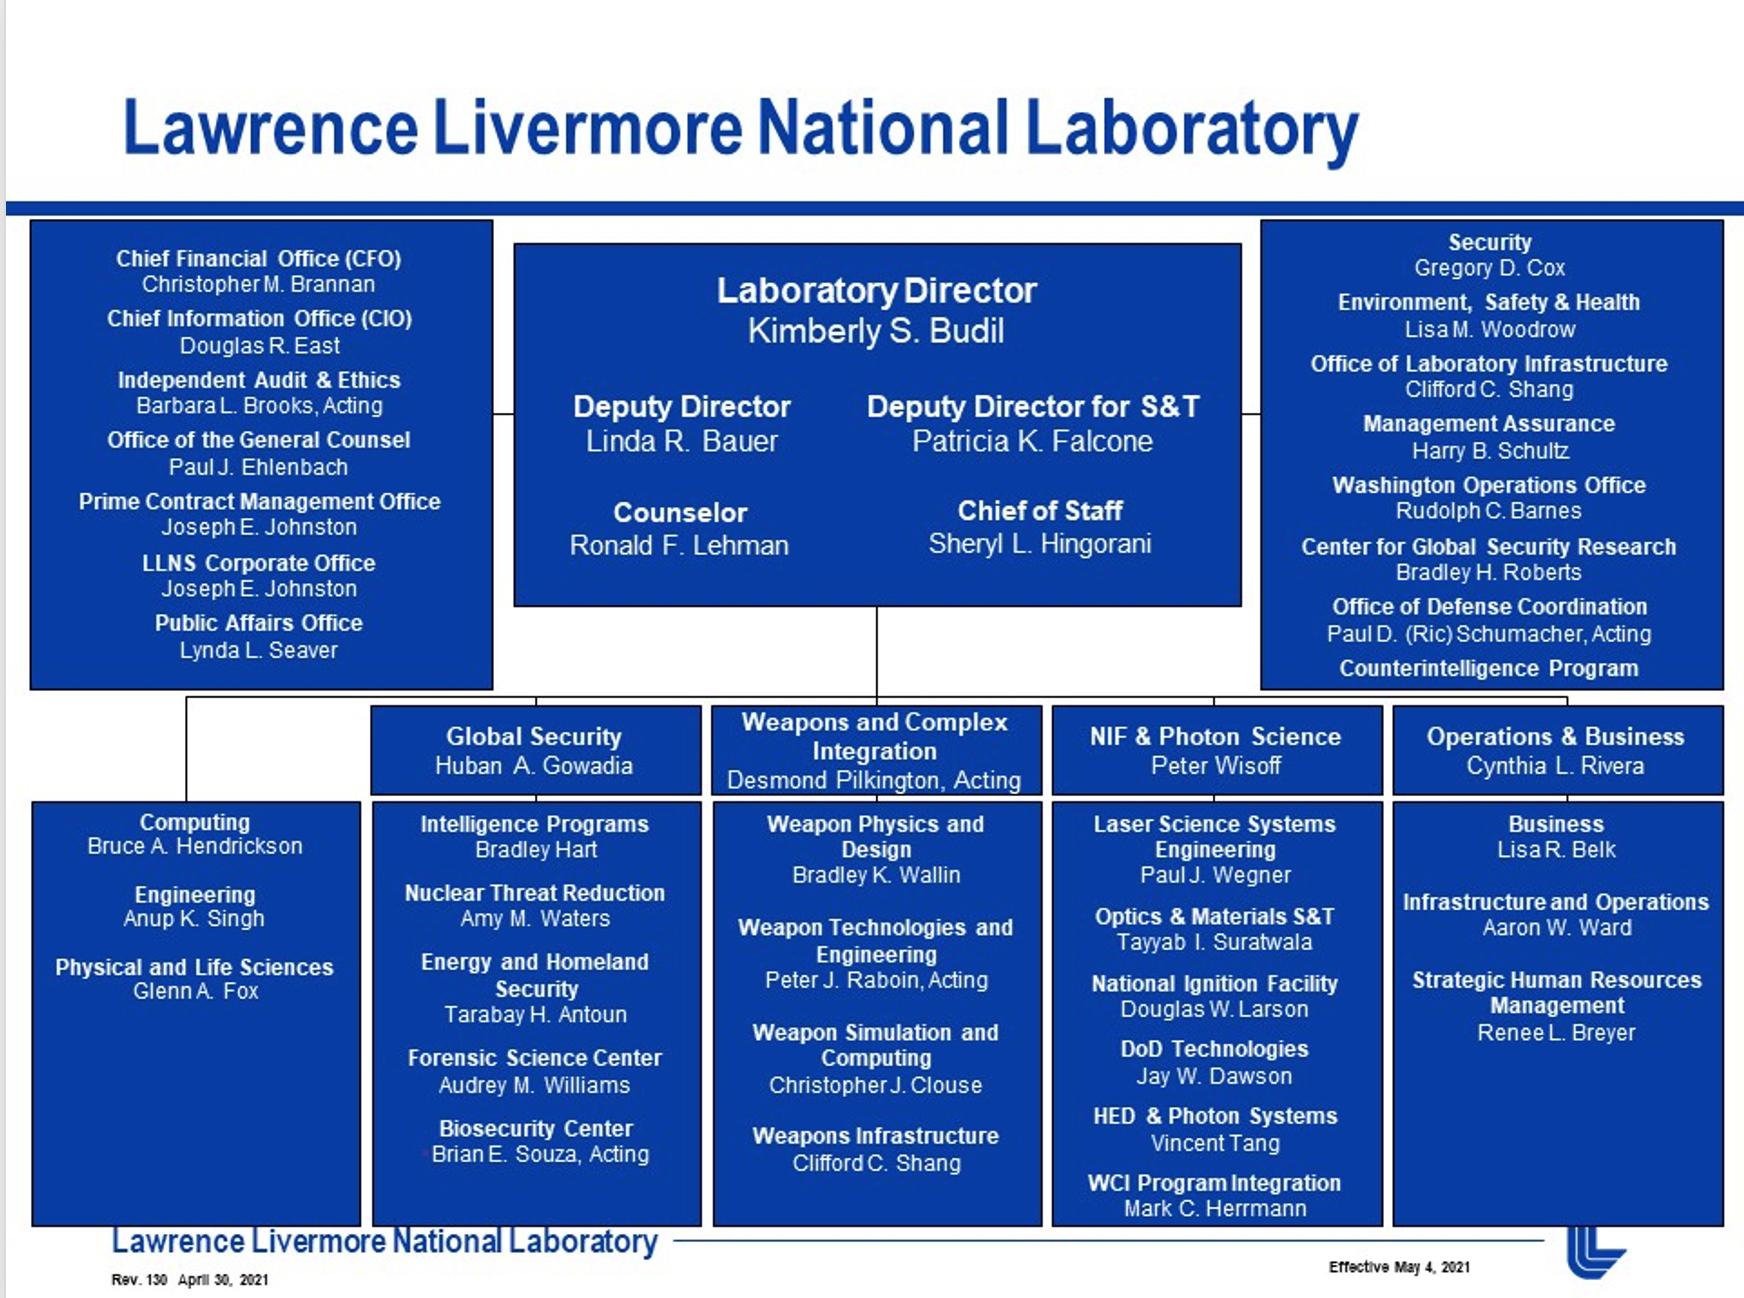 LLNL org chart